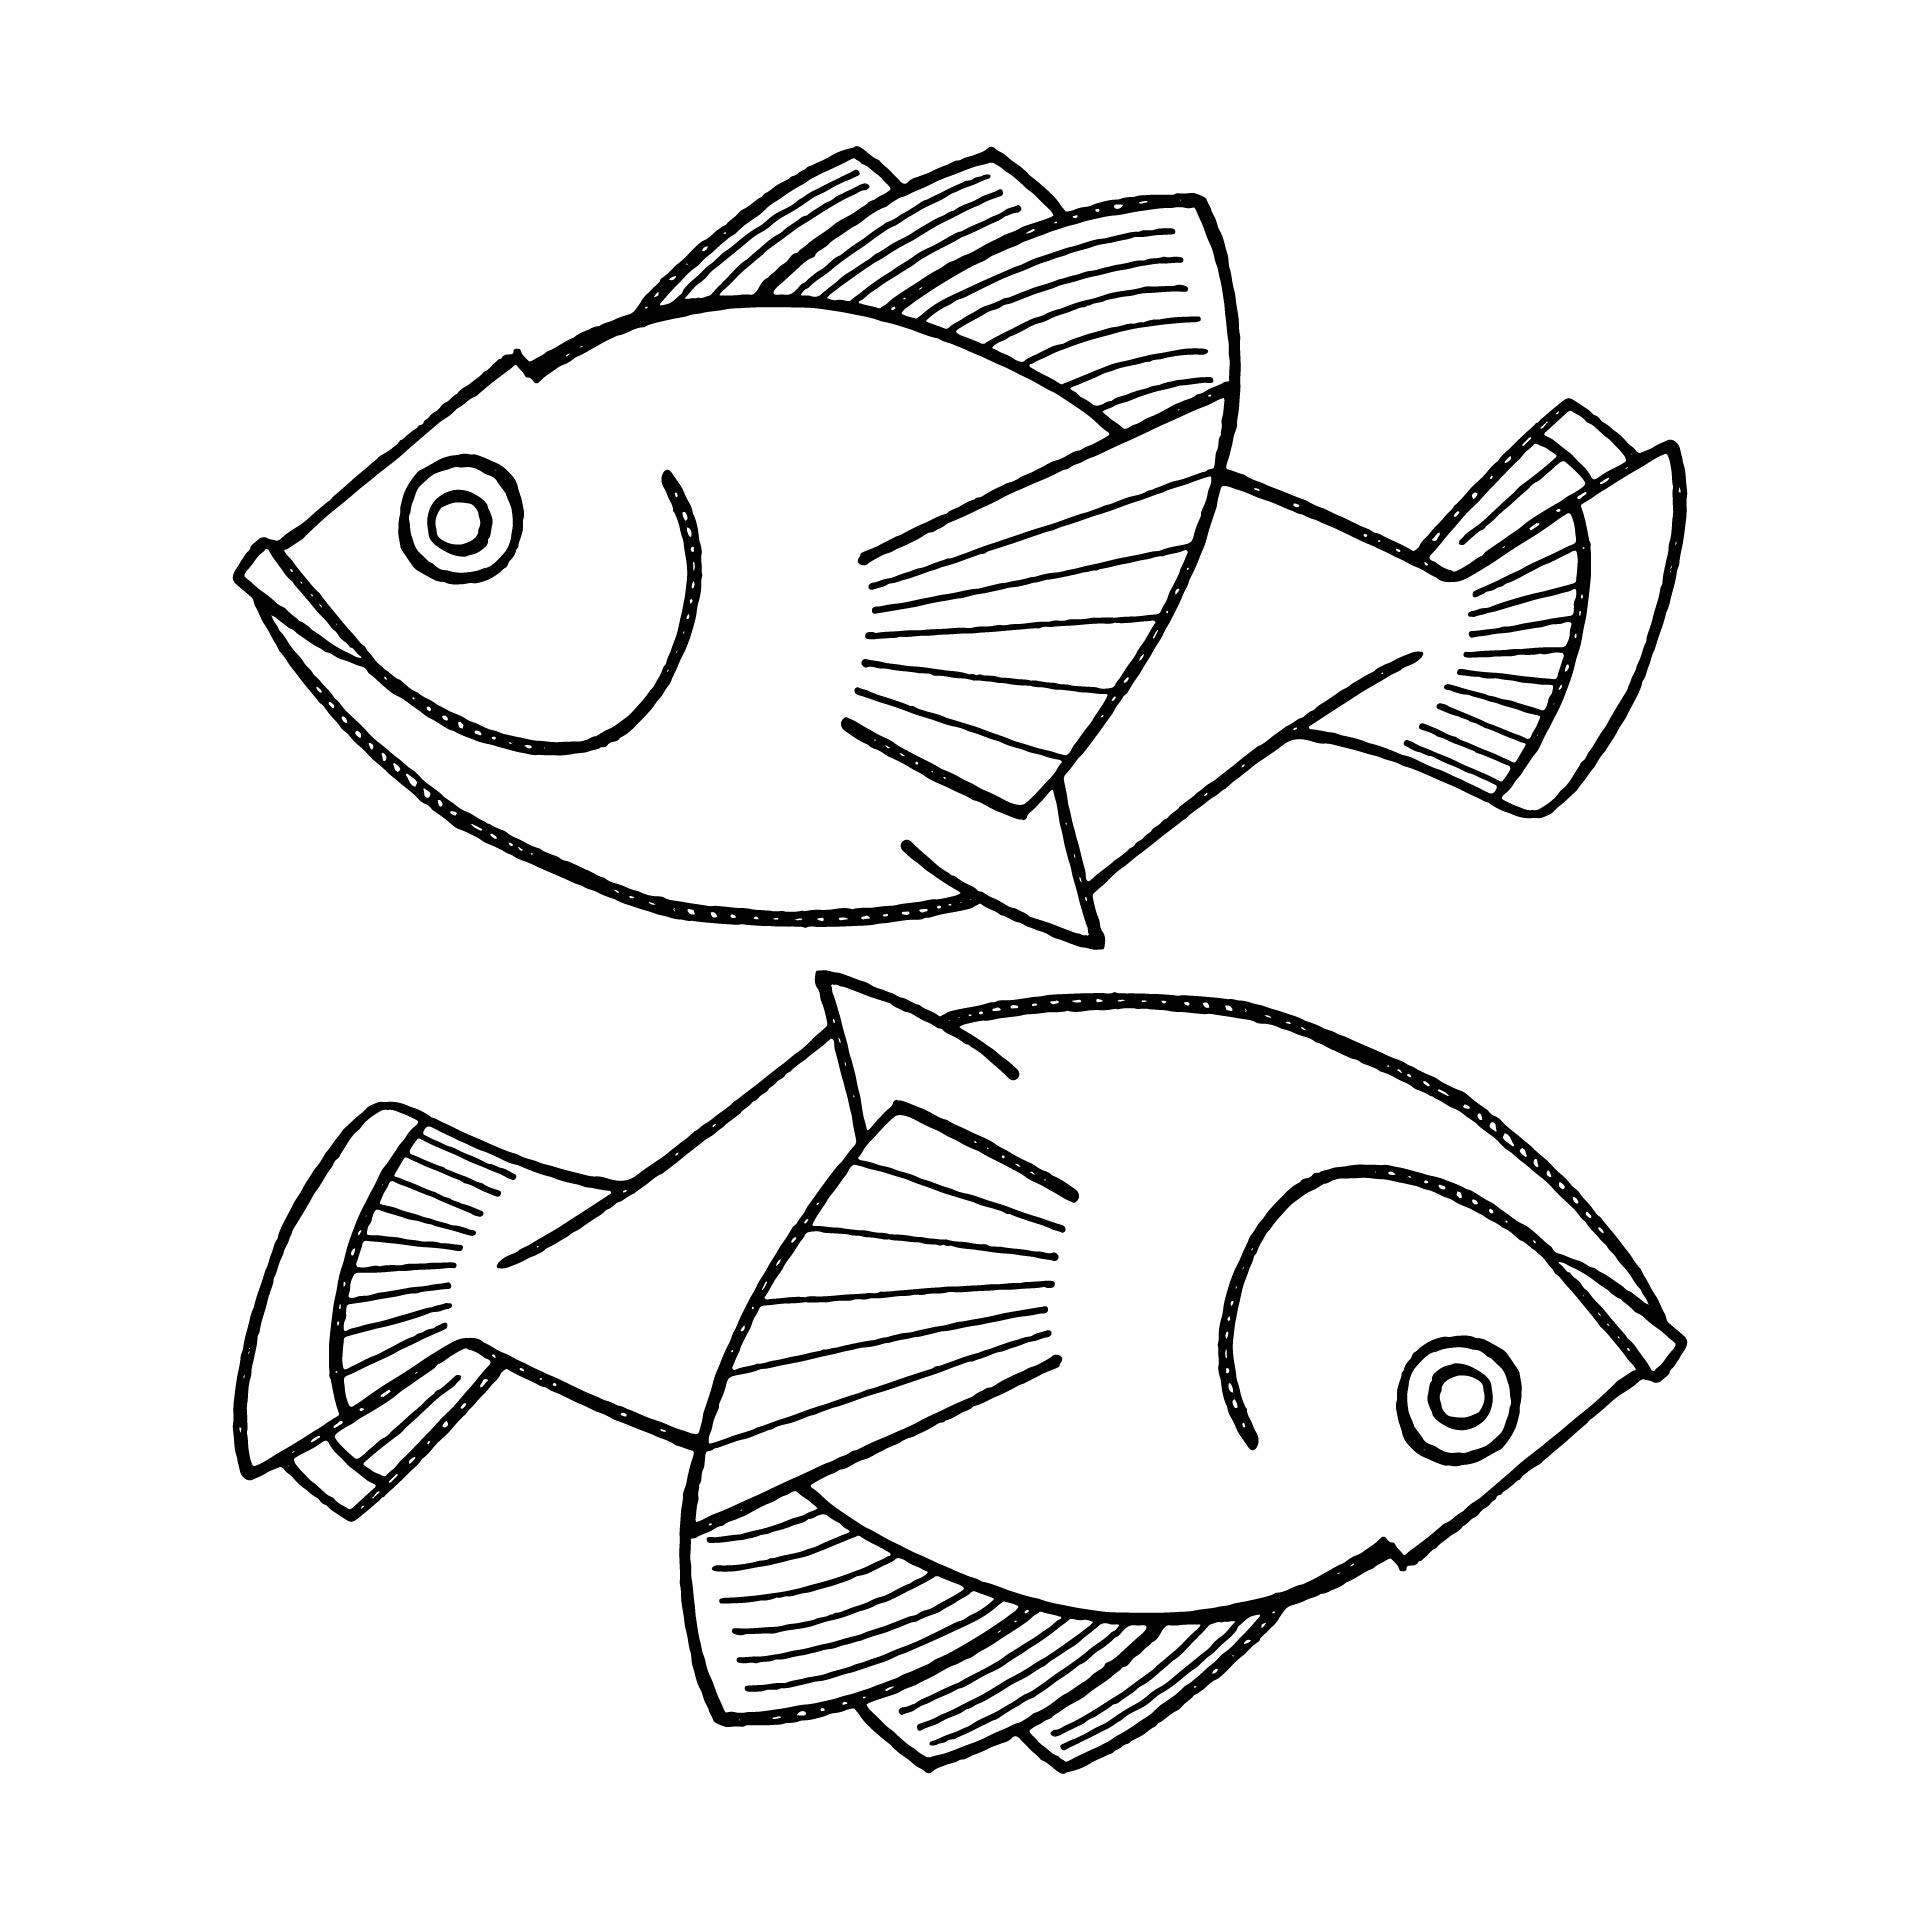 Printable Fish Patterns